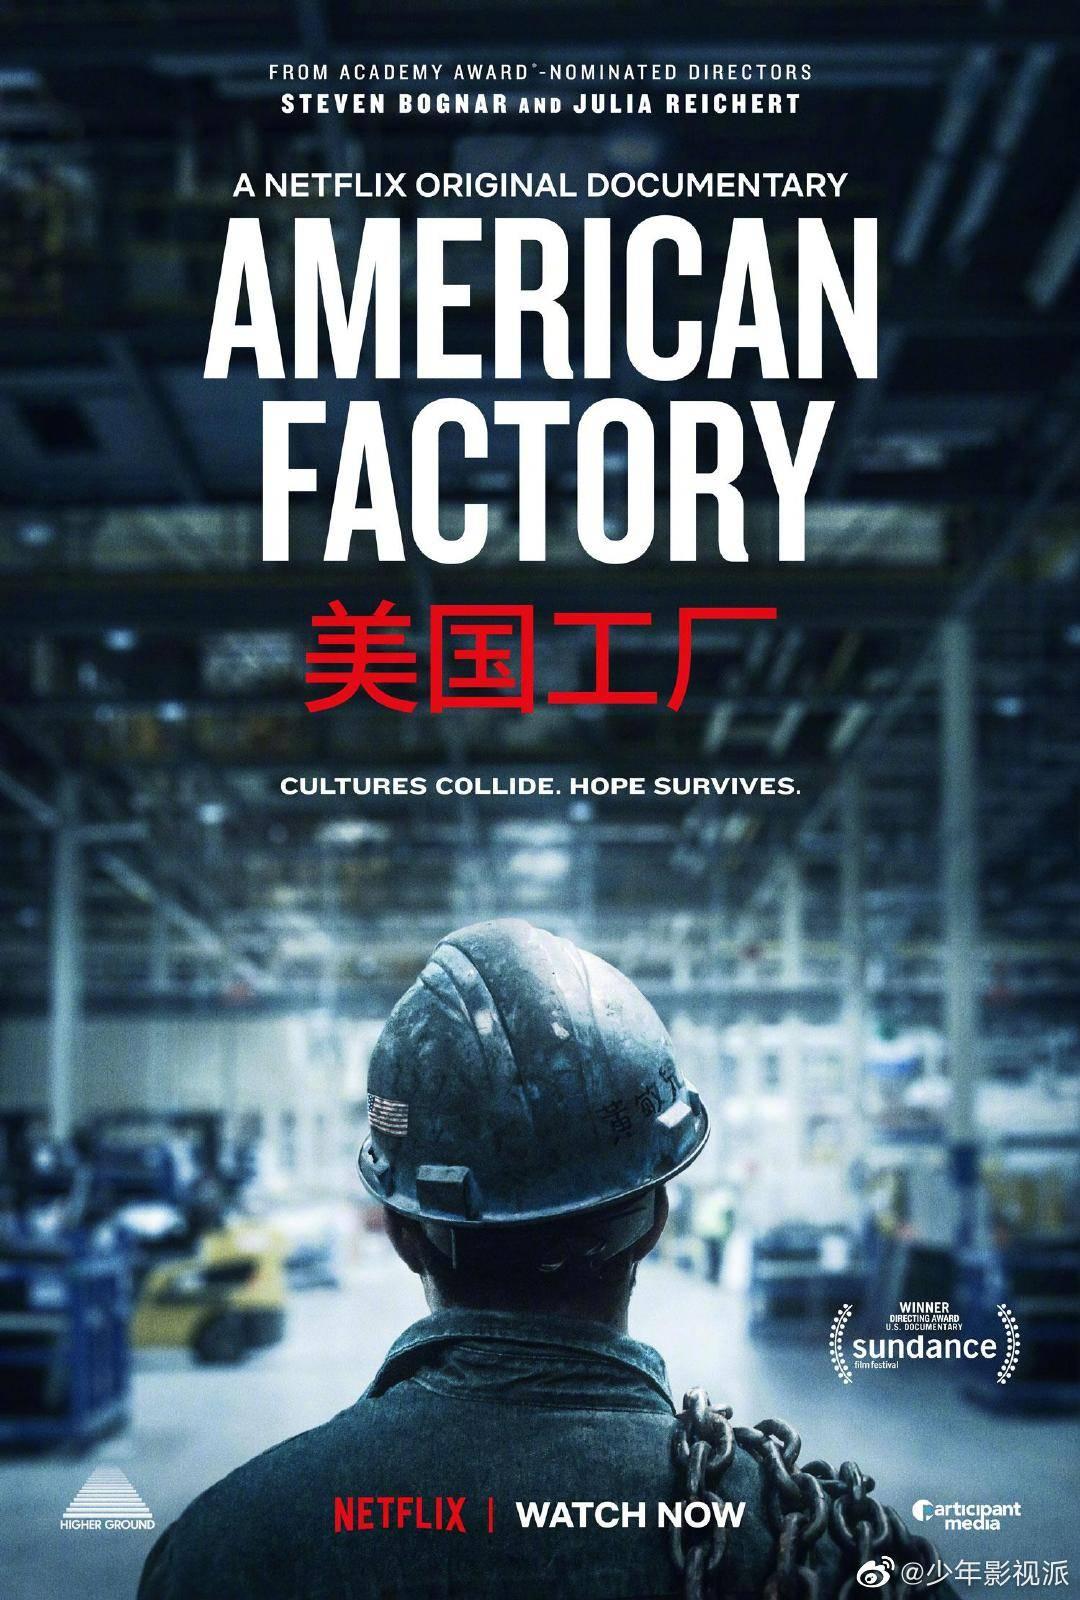 《美国工厂》获奥斯卡最佳纪录长